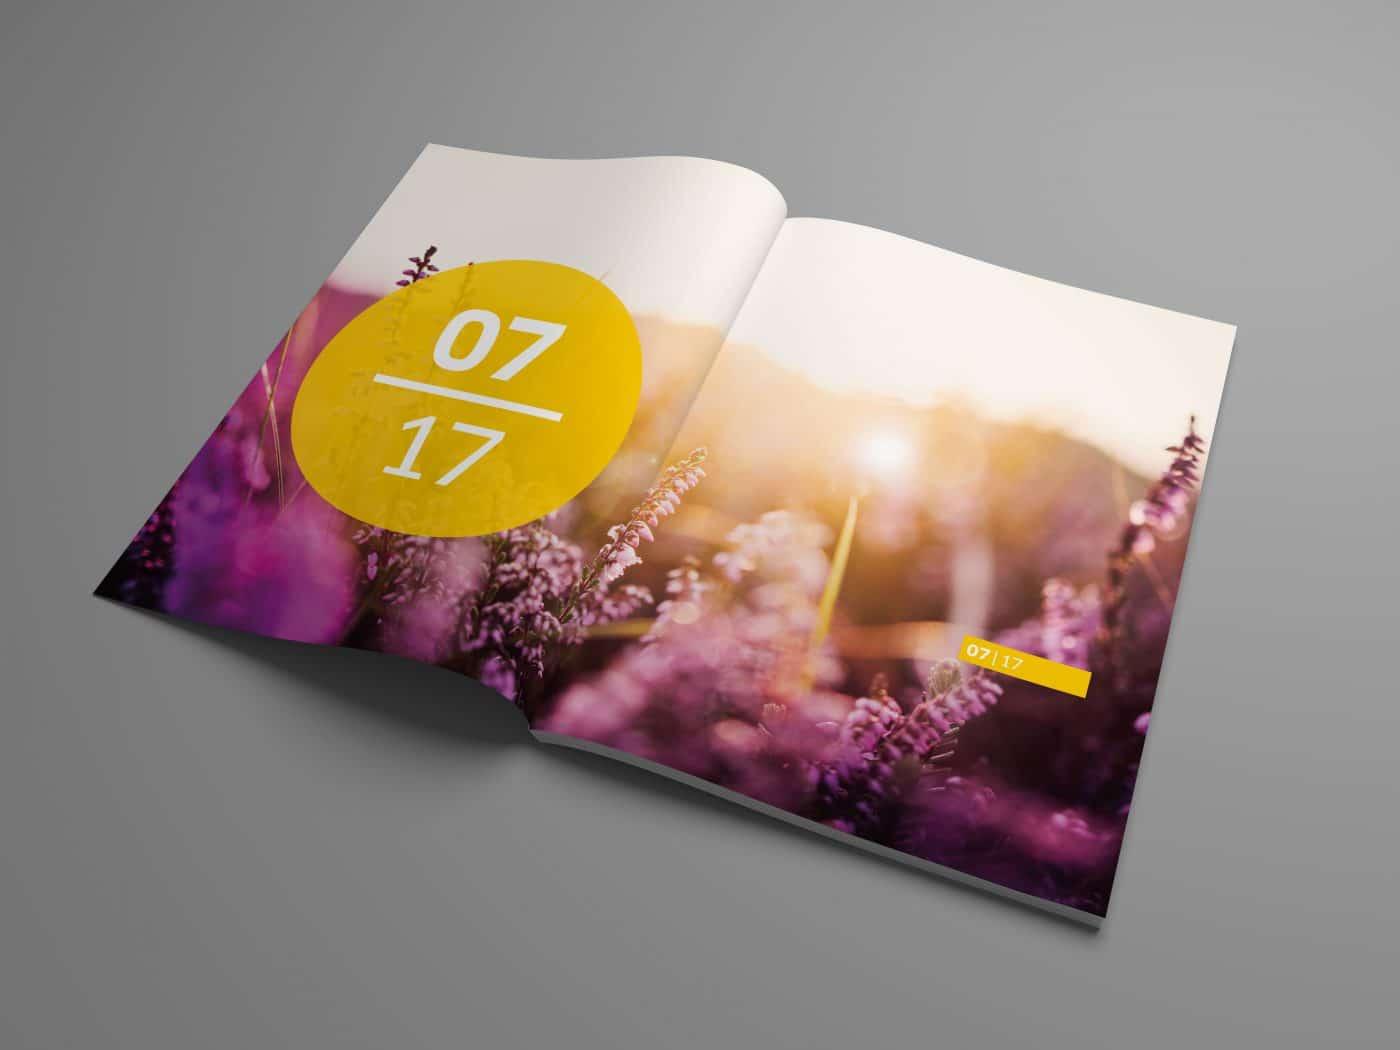 kd jahrbuch 04 - Ein rundum gelungenes Mitarbeiterjahrbuch – Corporate Design, Grafikdesign, Kommunikationsdesign, Branding, Markenentwicklung, Editorial Design